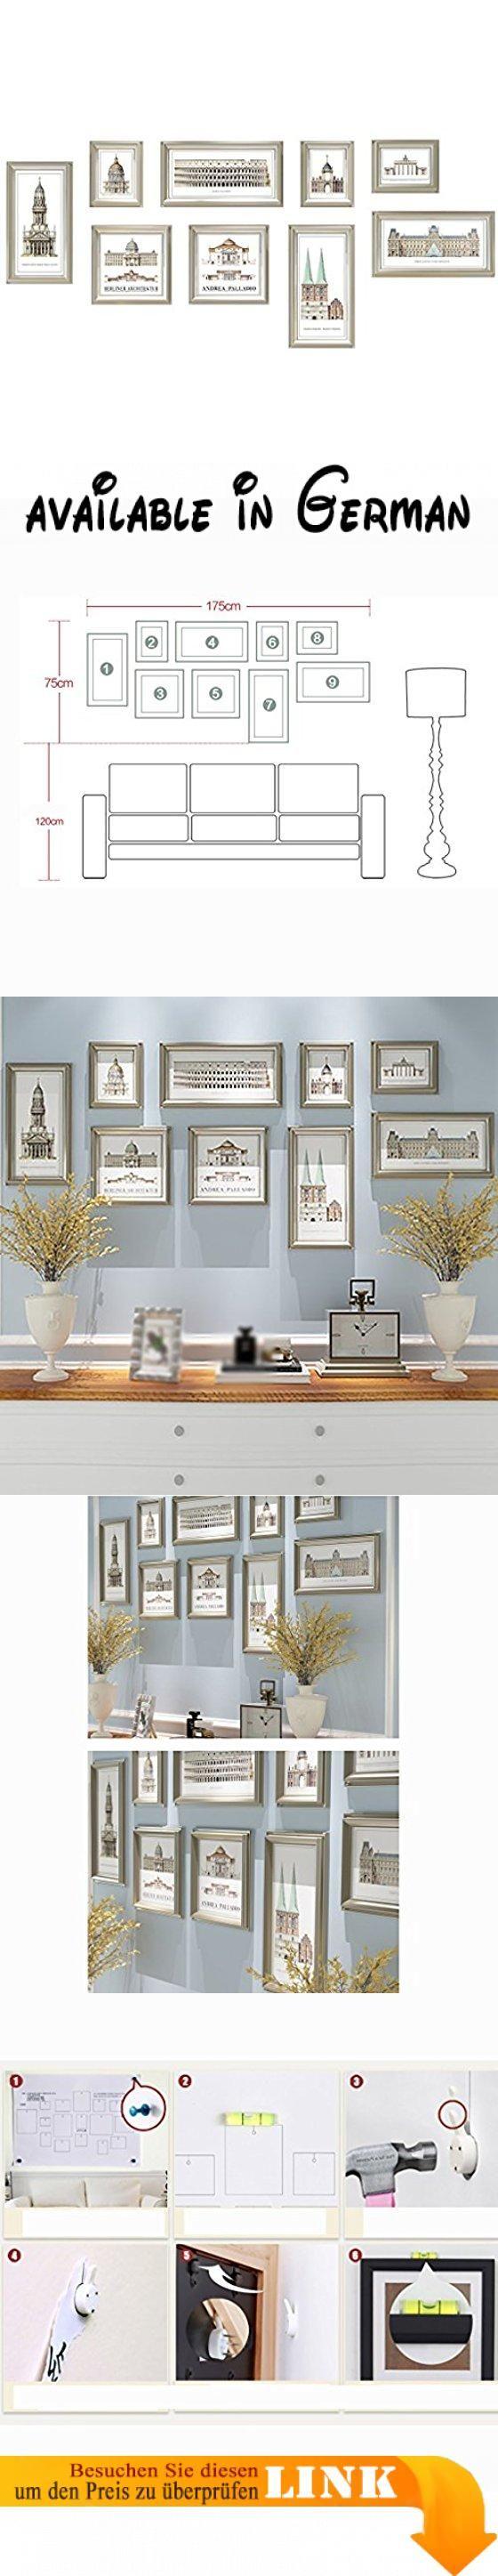 G Y Foto Wand Retro Style Bilderrahmen Wand Wohnzimmer Schlafzimmer 9  Bilderrahmen Kombination Bild. √ HD Qualität, Farbe, Um Dauerhaft, Warm Und  Ru2026